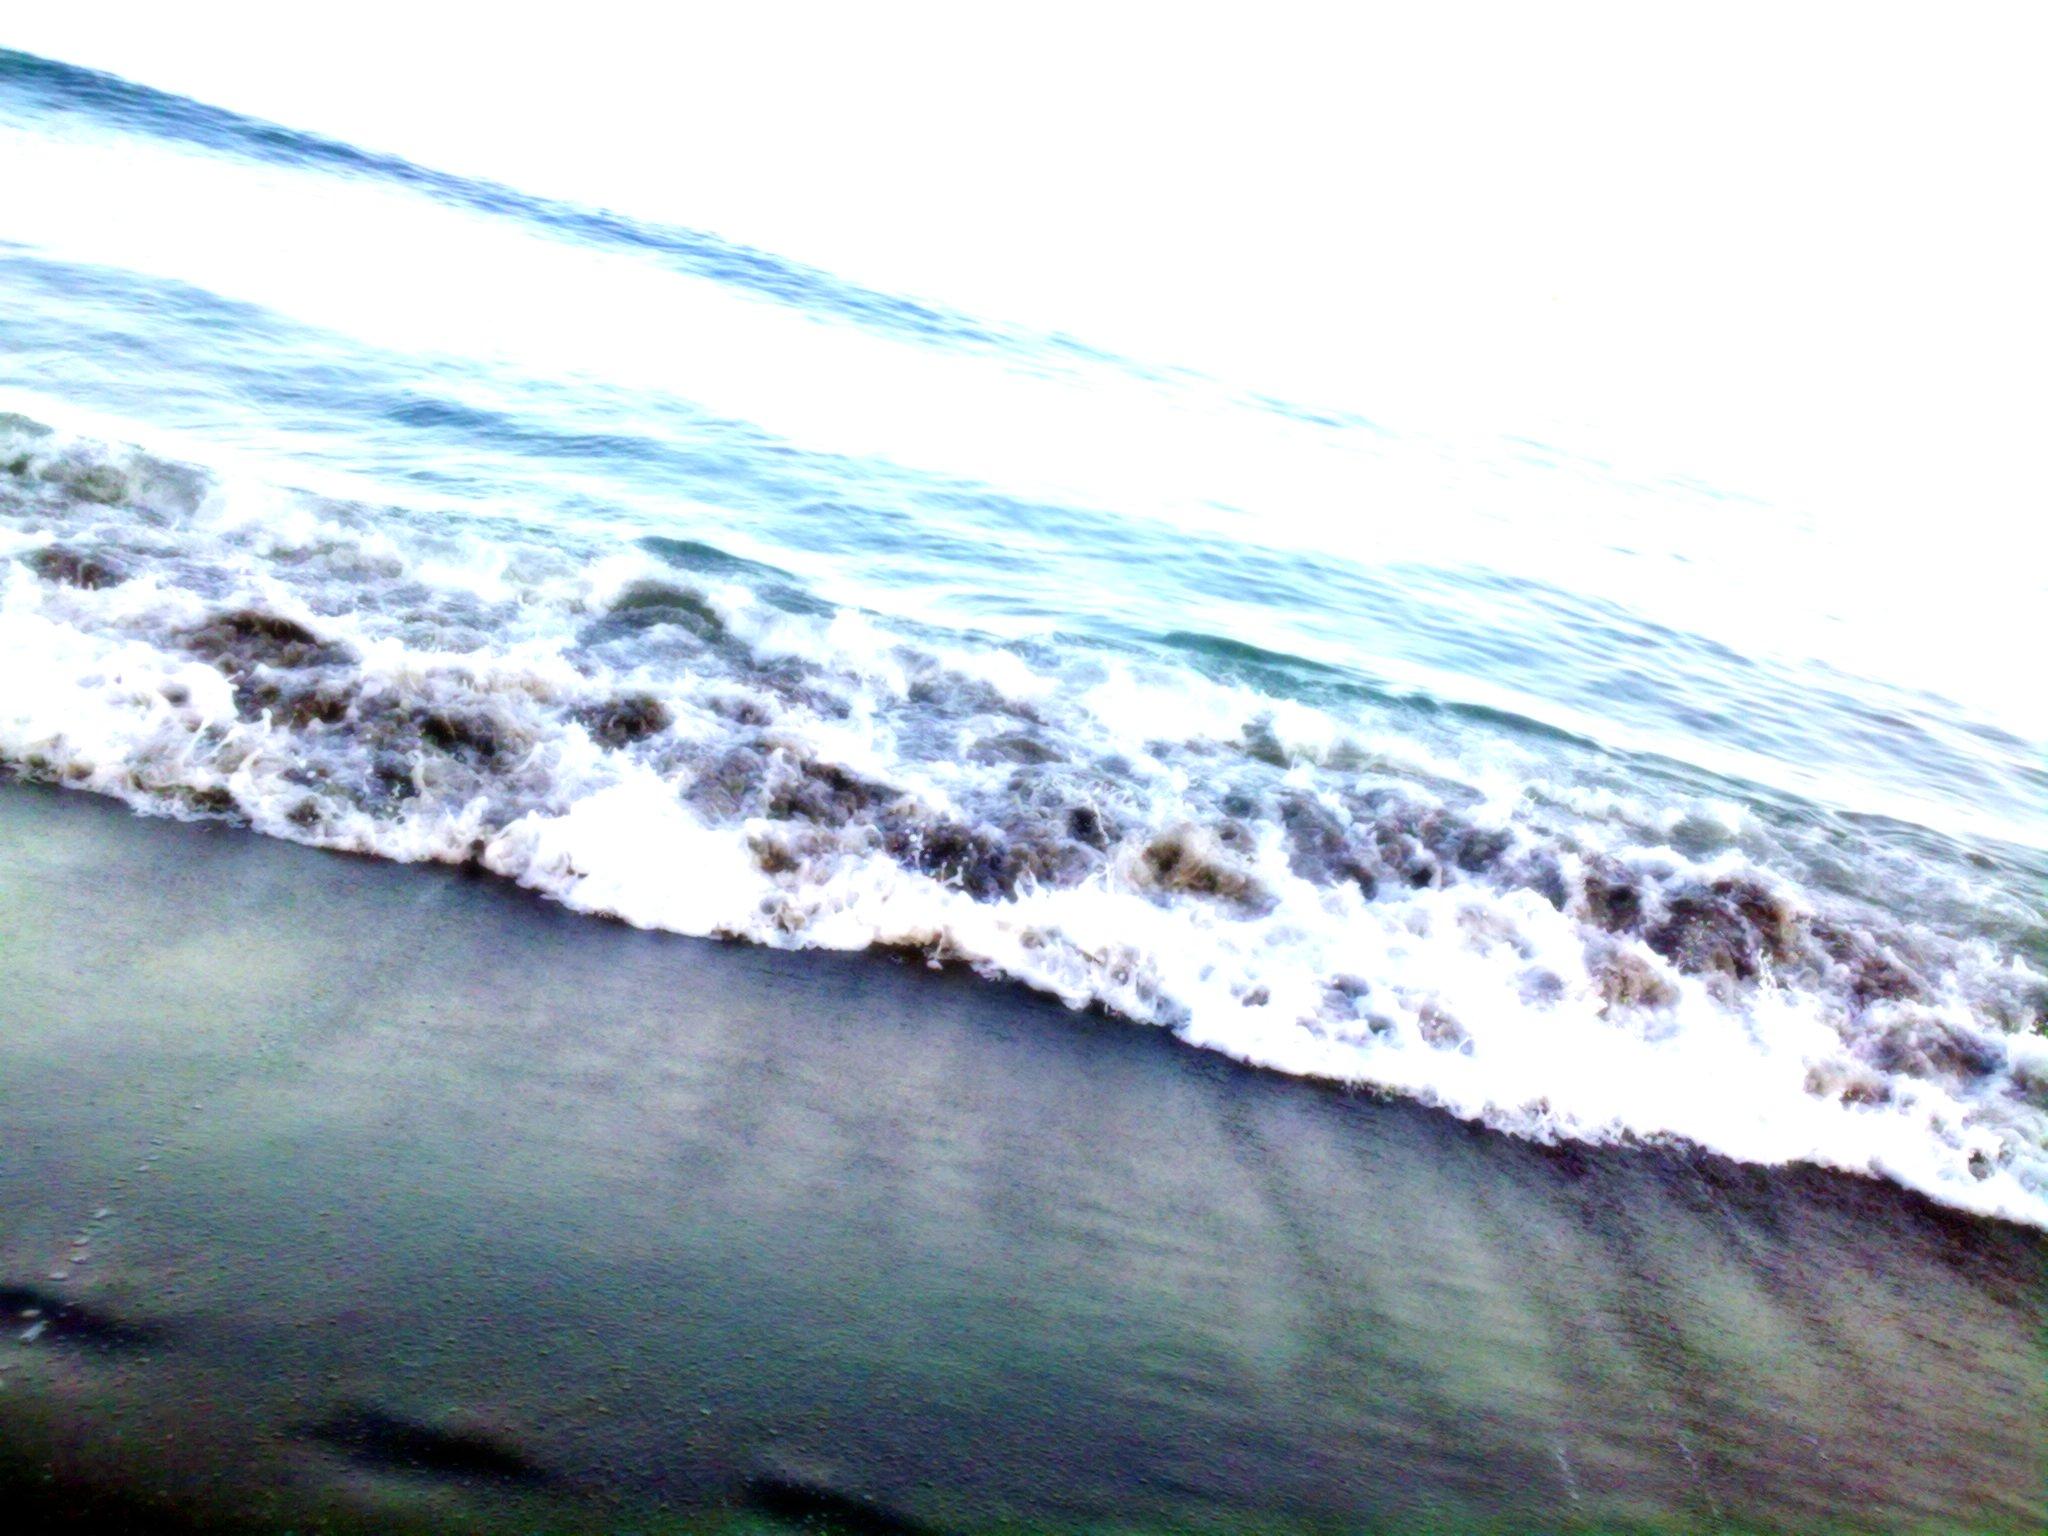 Paseando por la playa 2